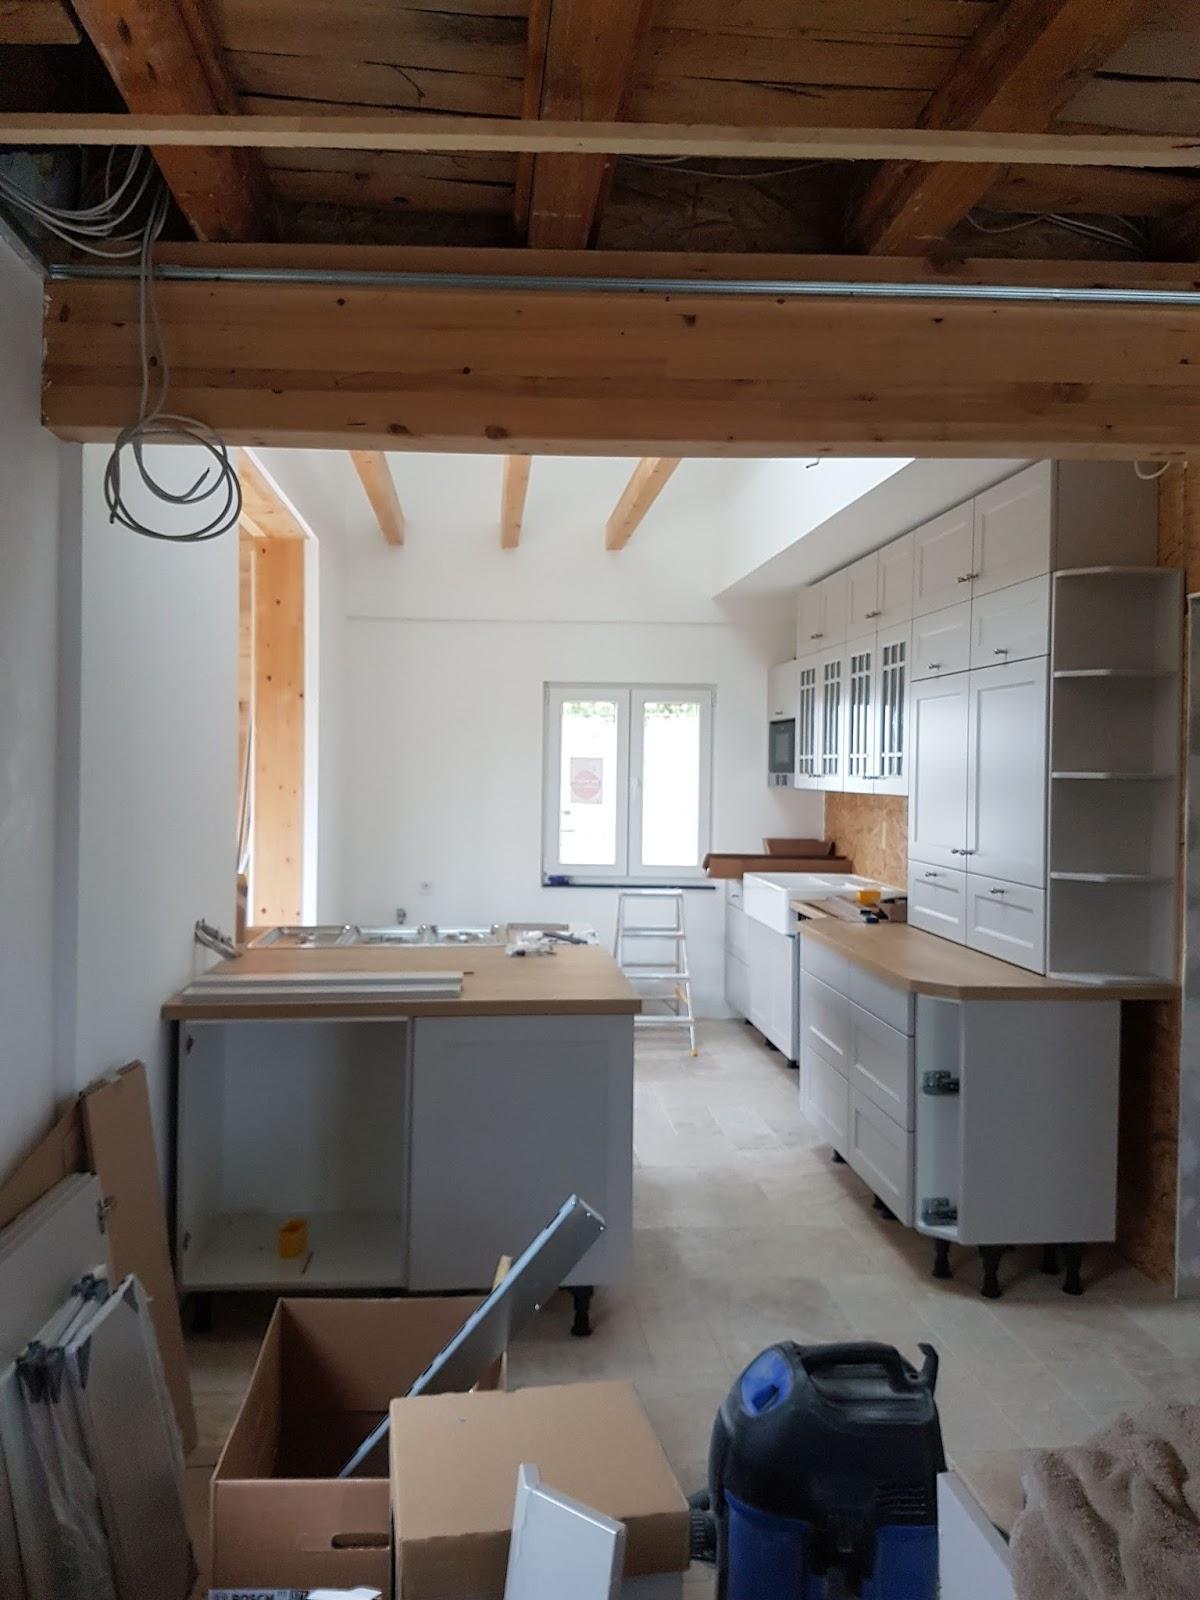 tasika 39 s welt. Black Bedroom Furniture Sets. Home Design Ideas